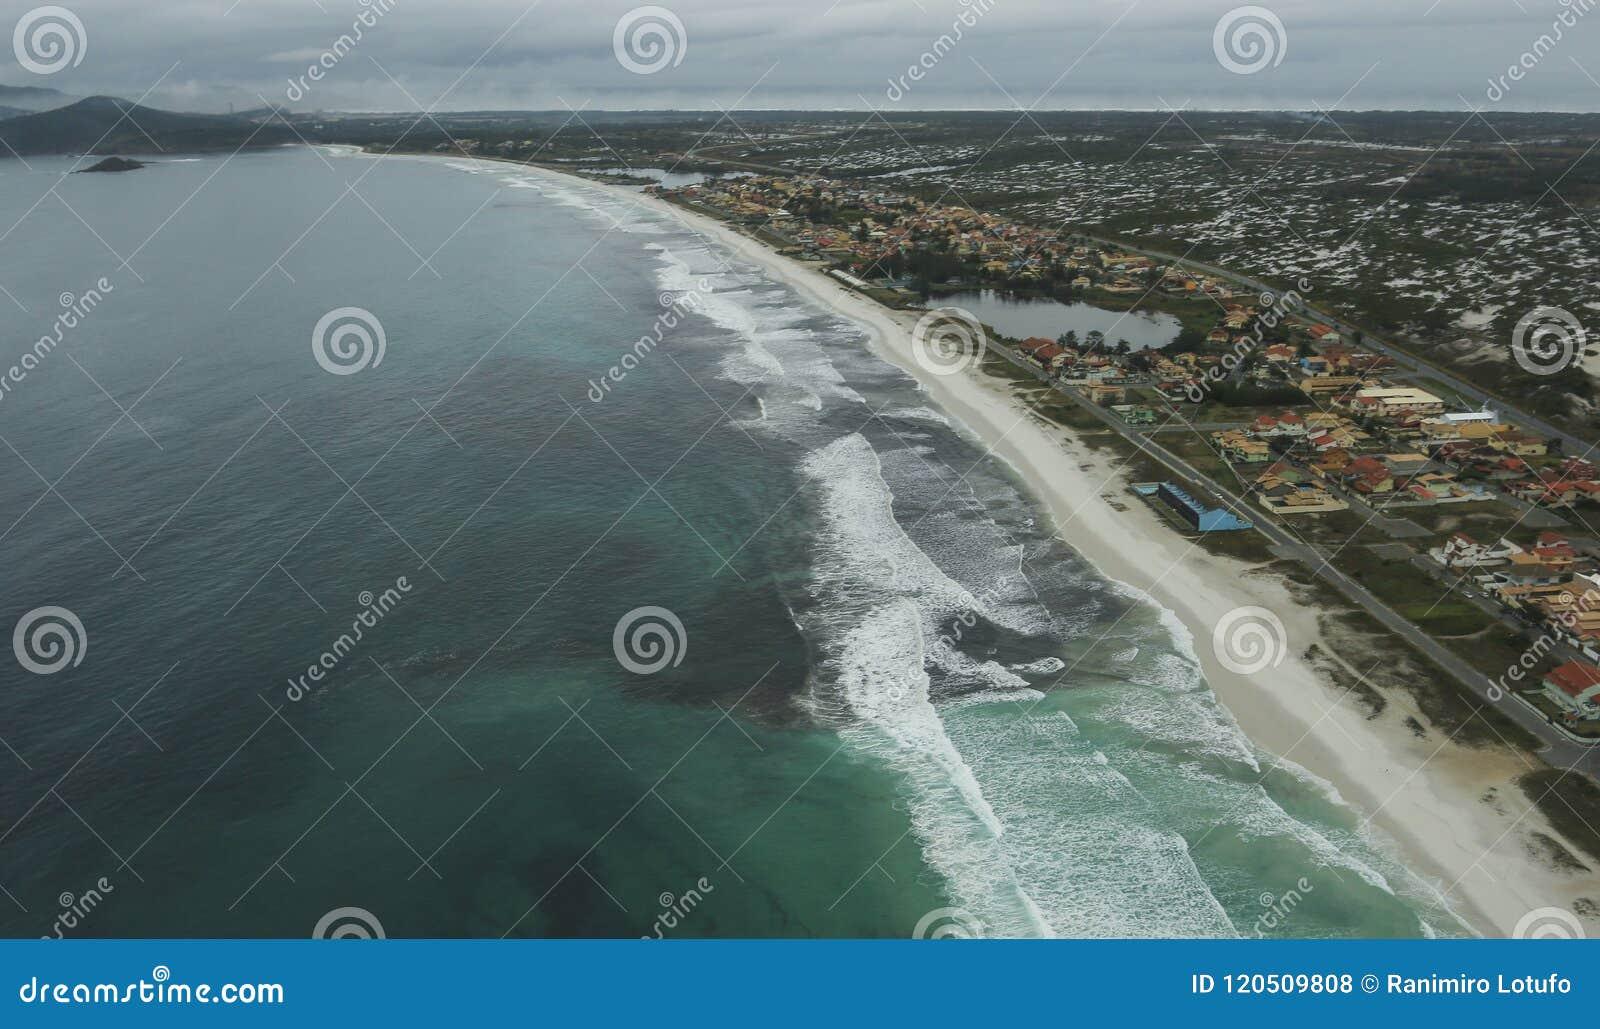 Długie i cudowne plaże, Recreio dos Bandeirantes plaża, Rio De Janeiro Brazylia